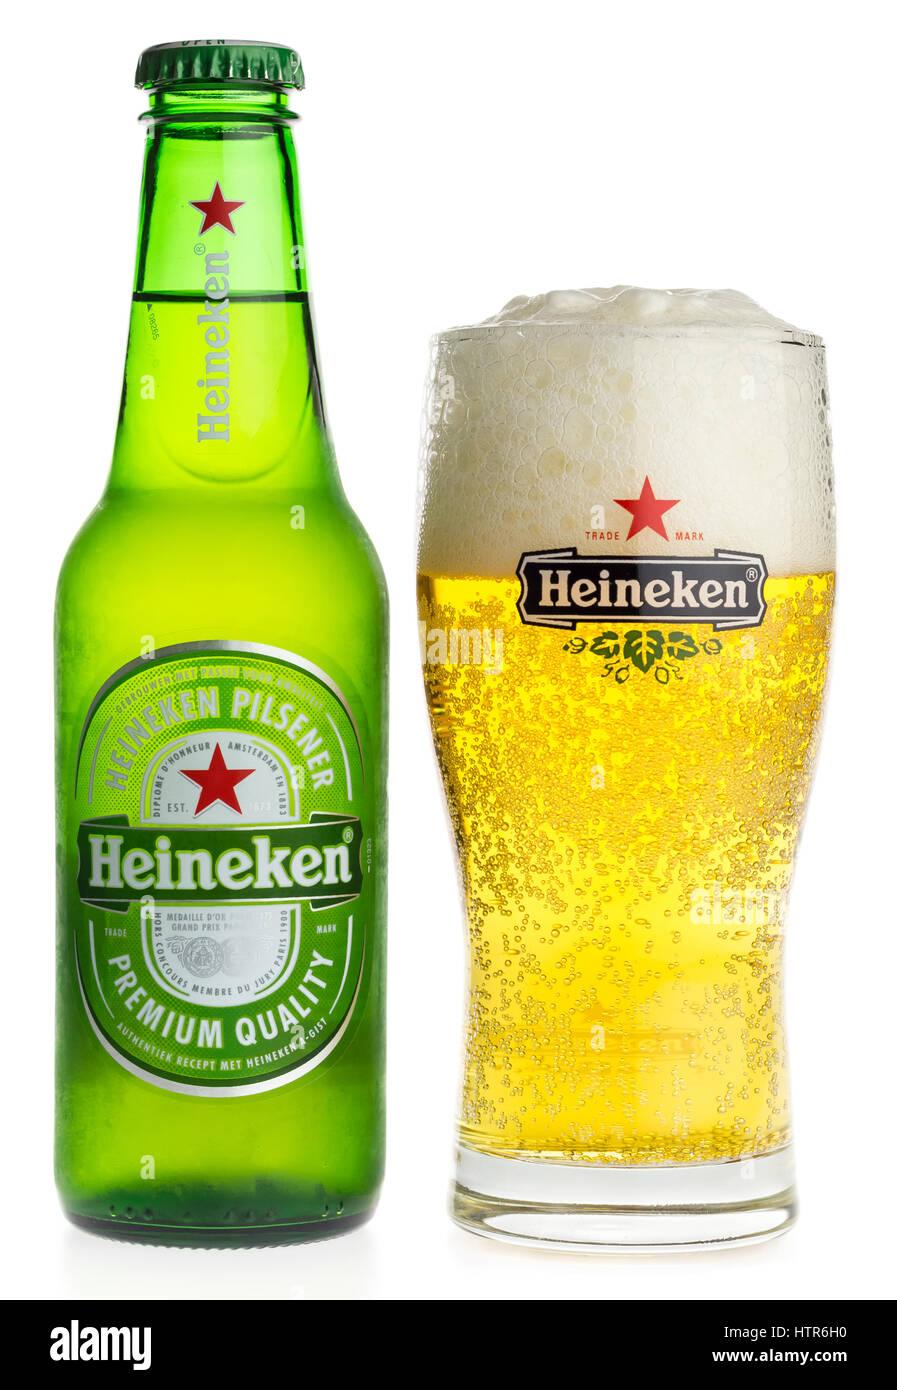 Green Dutch Drink